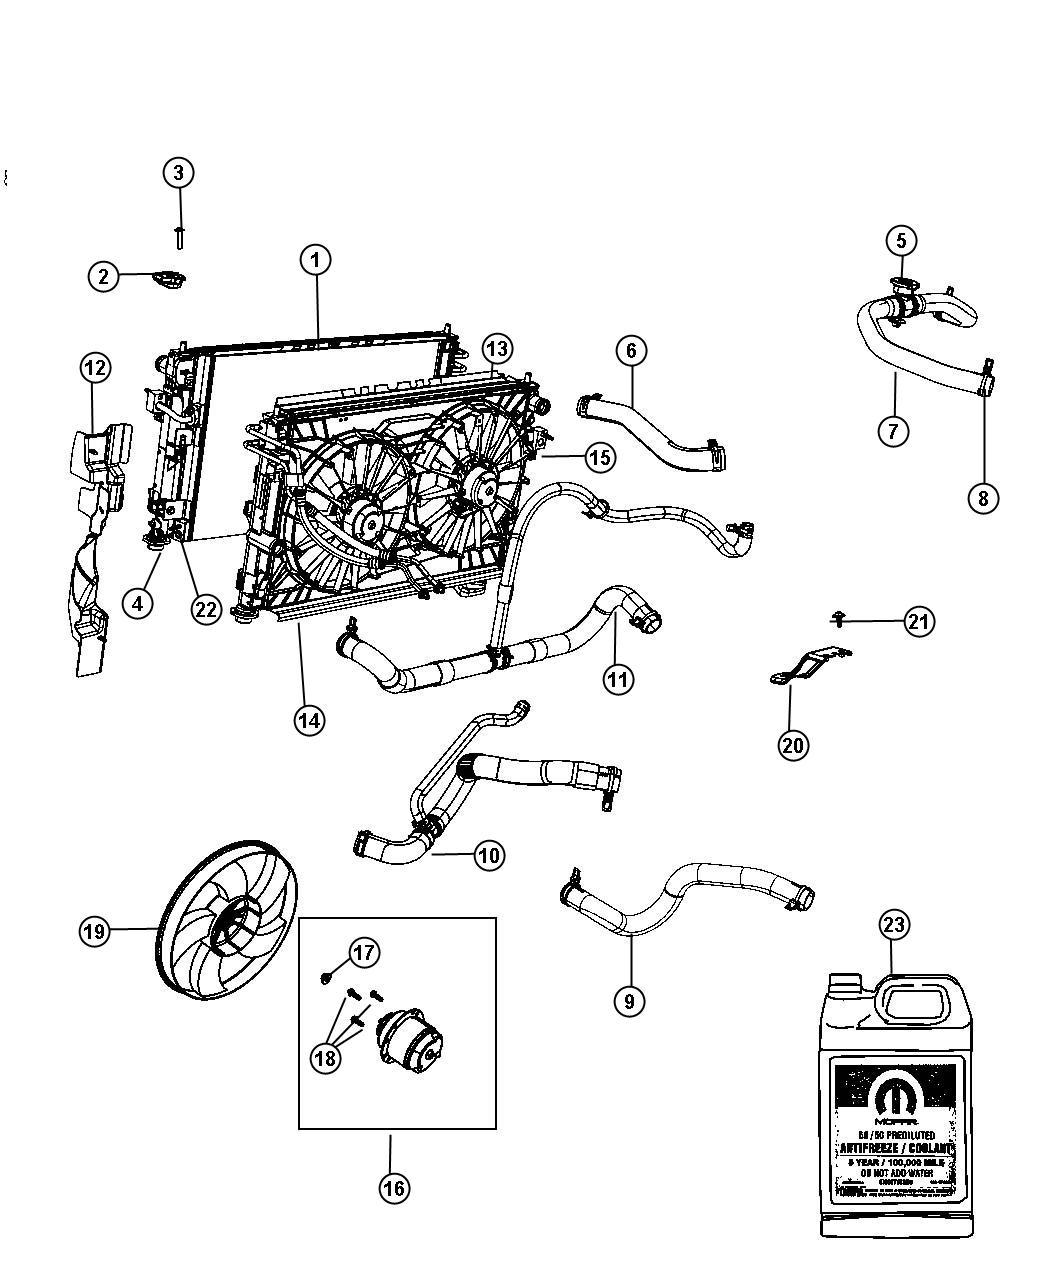 Chrysler 200 Seal Radiator Lower Related